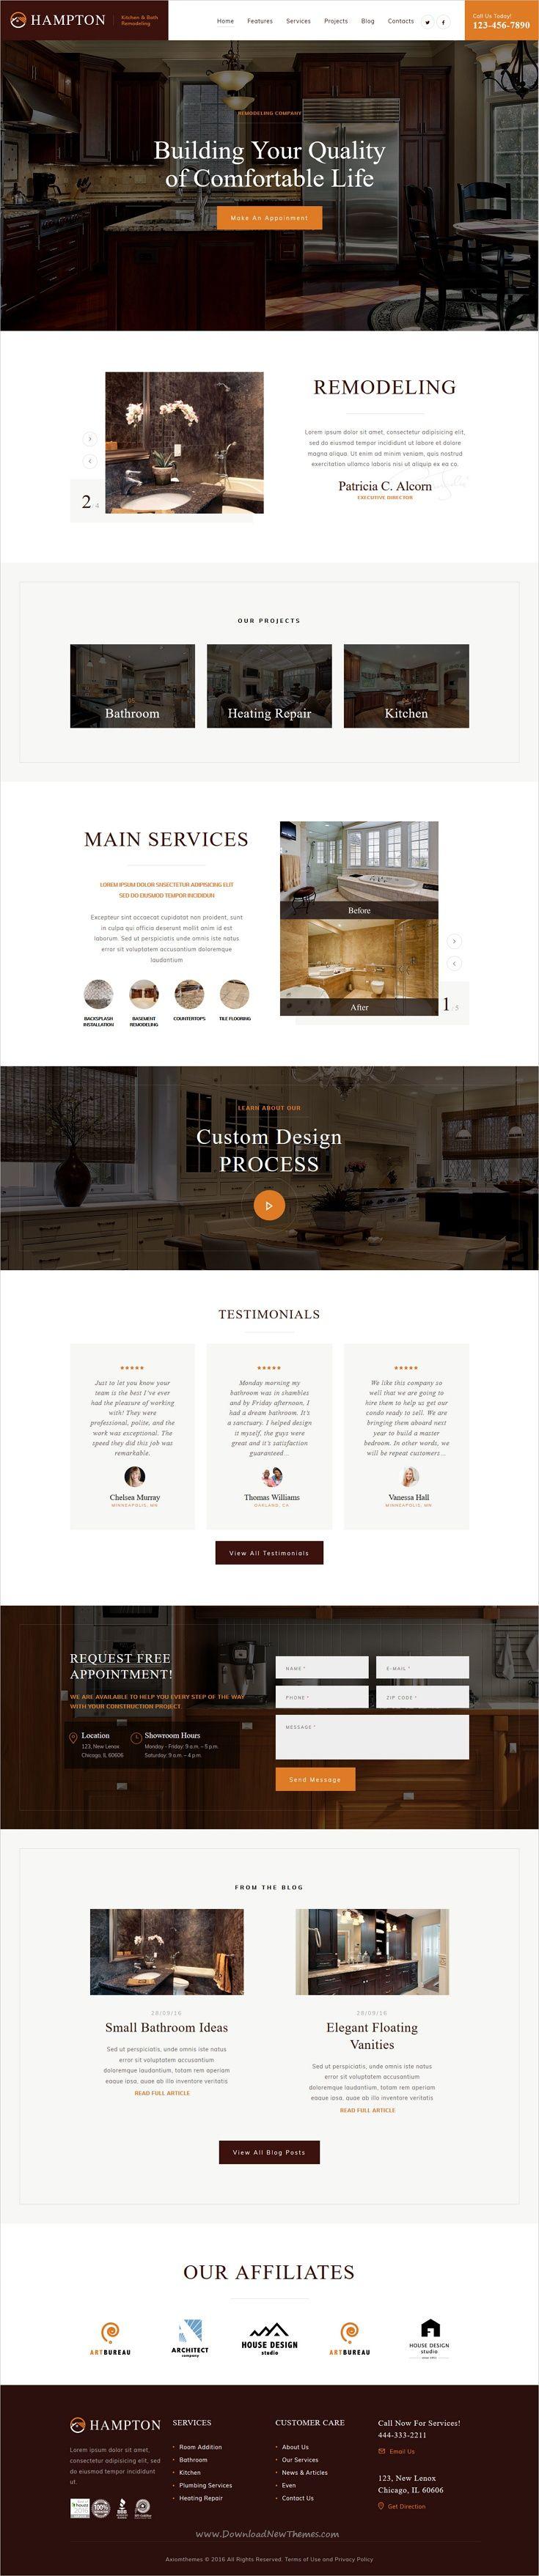 141 best web design inspiration images on Pinterest   Website ...